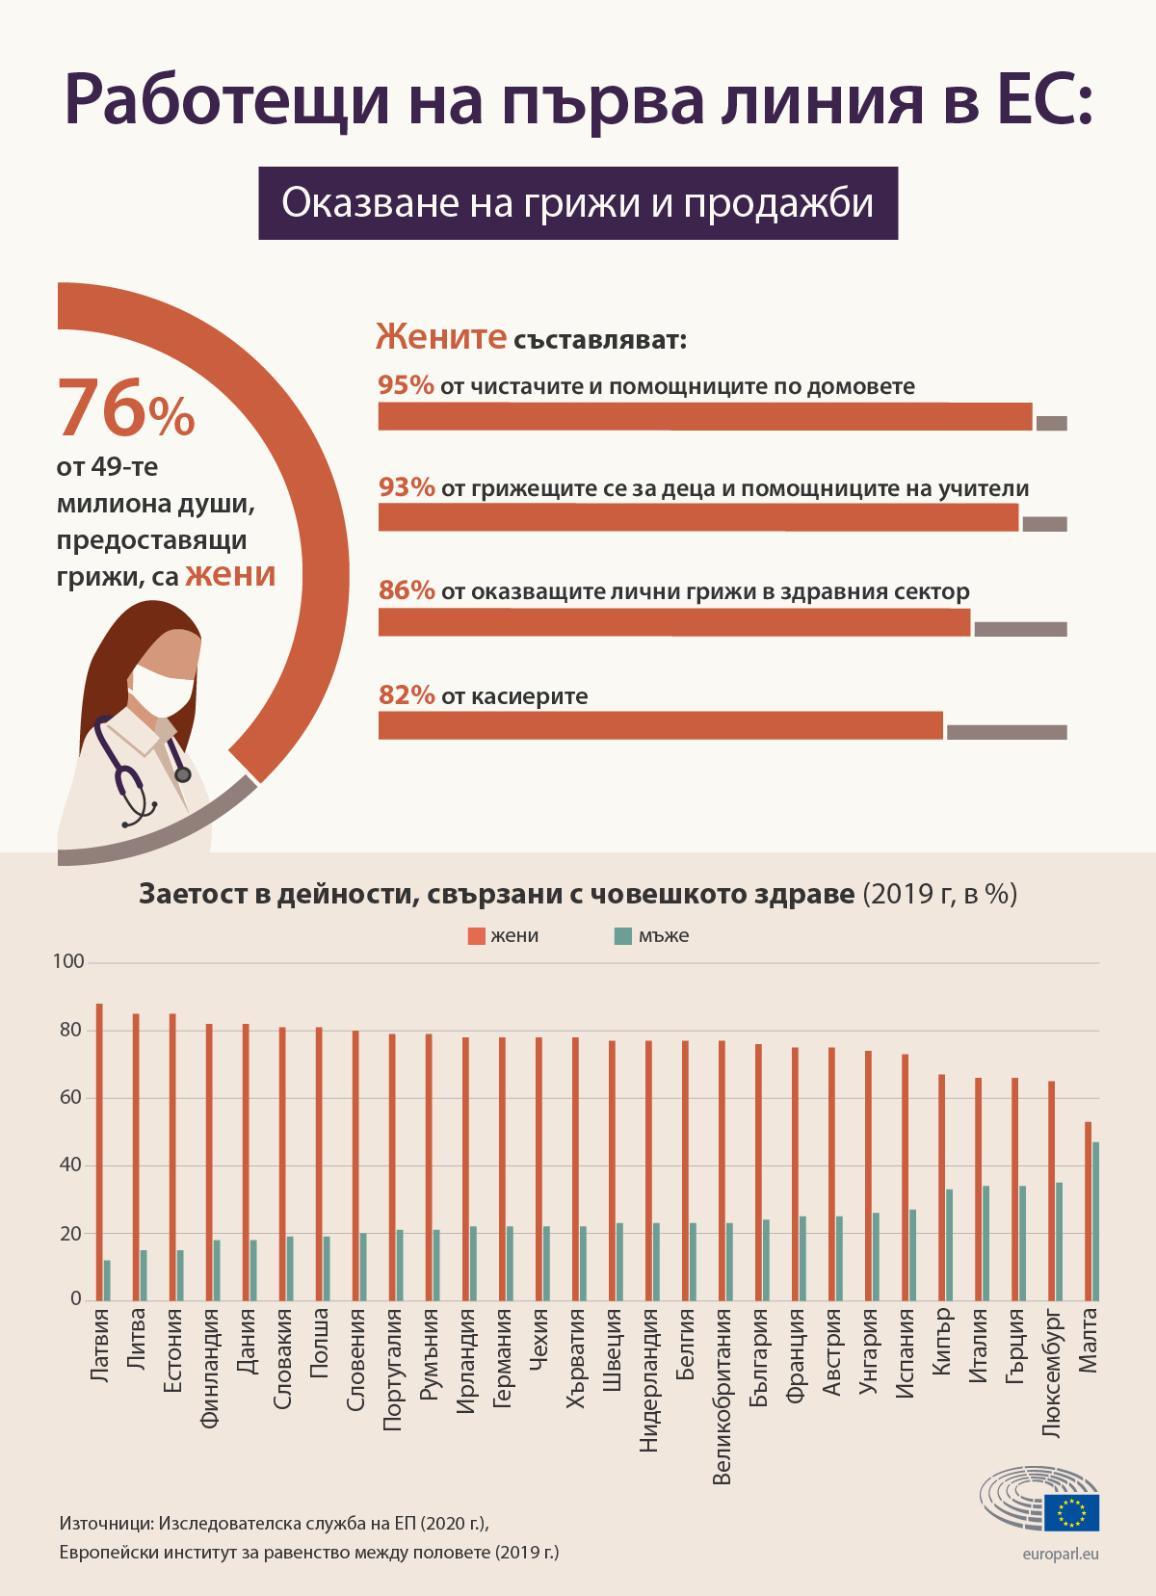 Инфографика, която показва, че мнозинството от работещите в сектора на полагането на грижи и сектора на продажбите в ЕС са жени